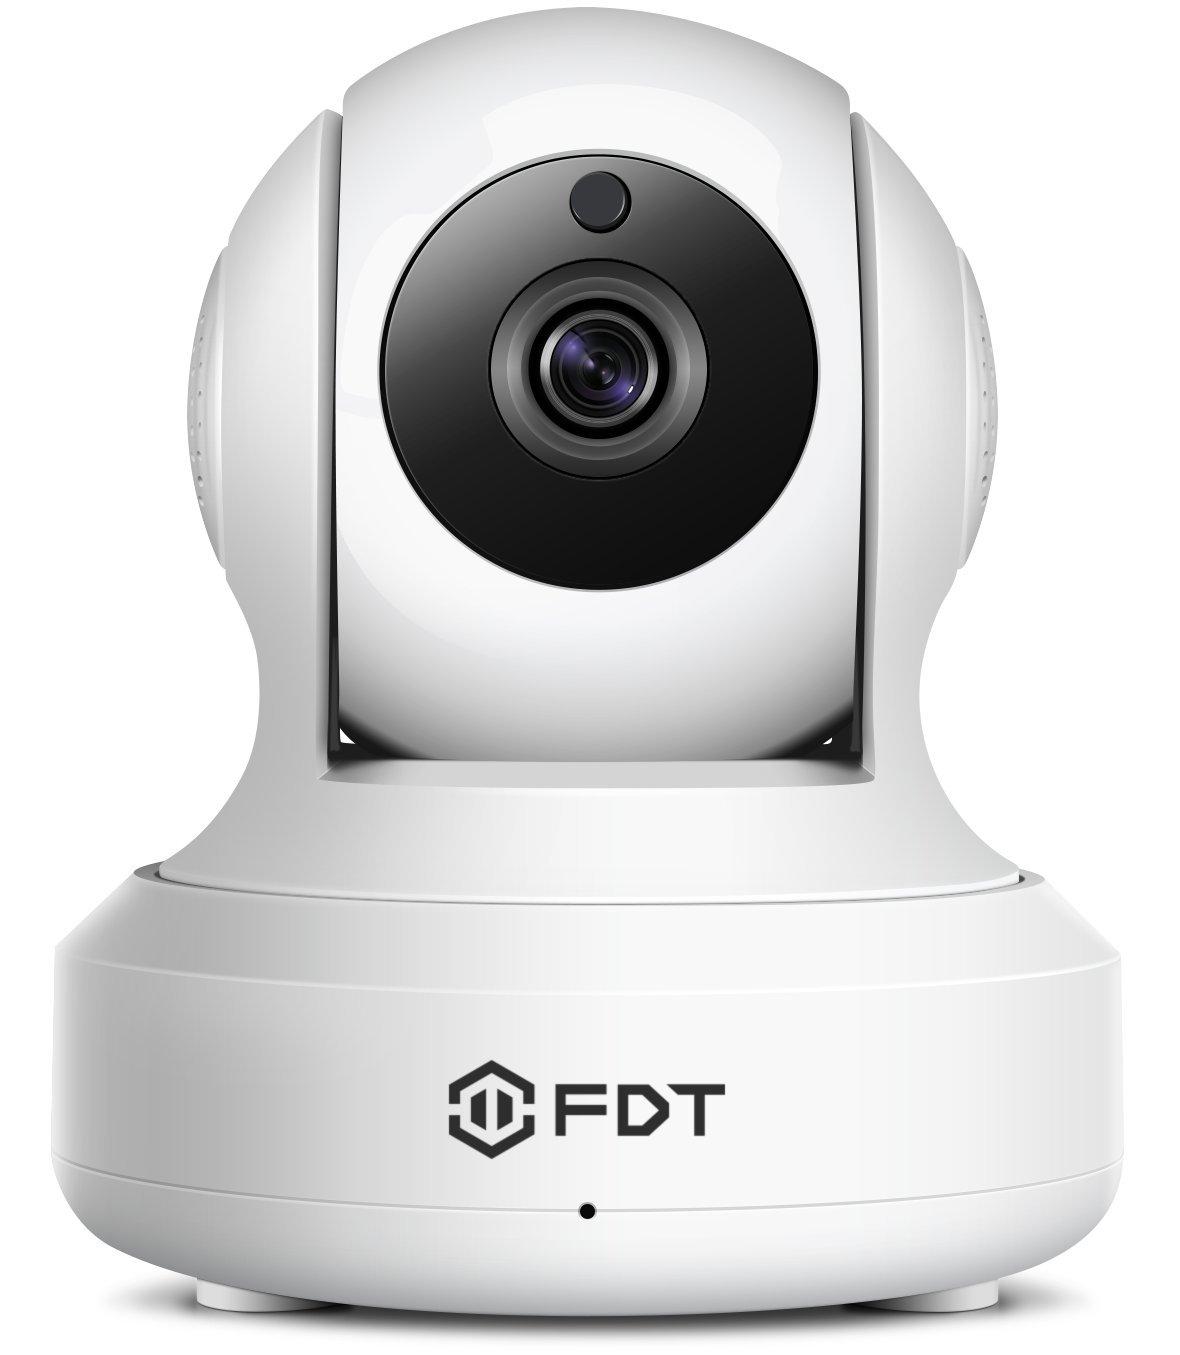 FDT 1080P HD Wi-Fi Pan / Tilt Cámara IP (2.0 Megapíxeles) Cámara de seguridad inalámbrica interior FD8901 (Negro), Plug & Play, Audio bidireccional y visión nocturna